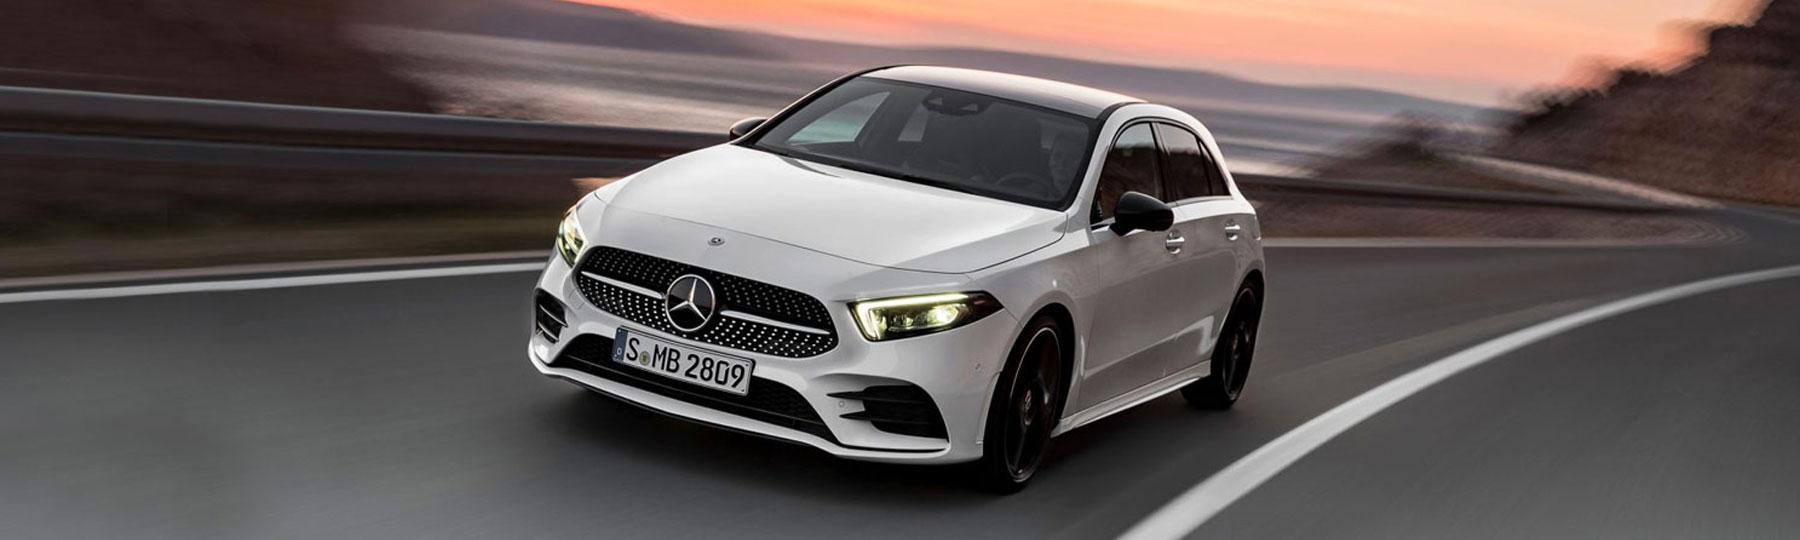 Mercedes-Benz A-class New Car Offer